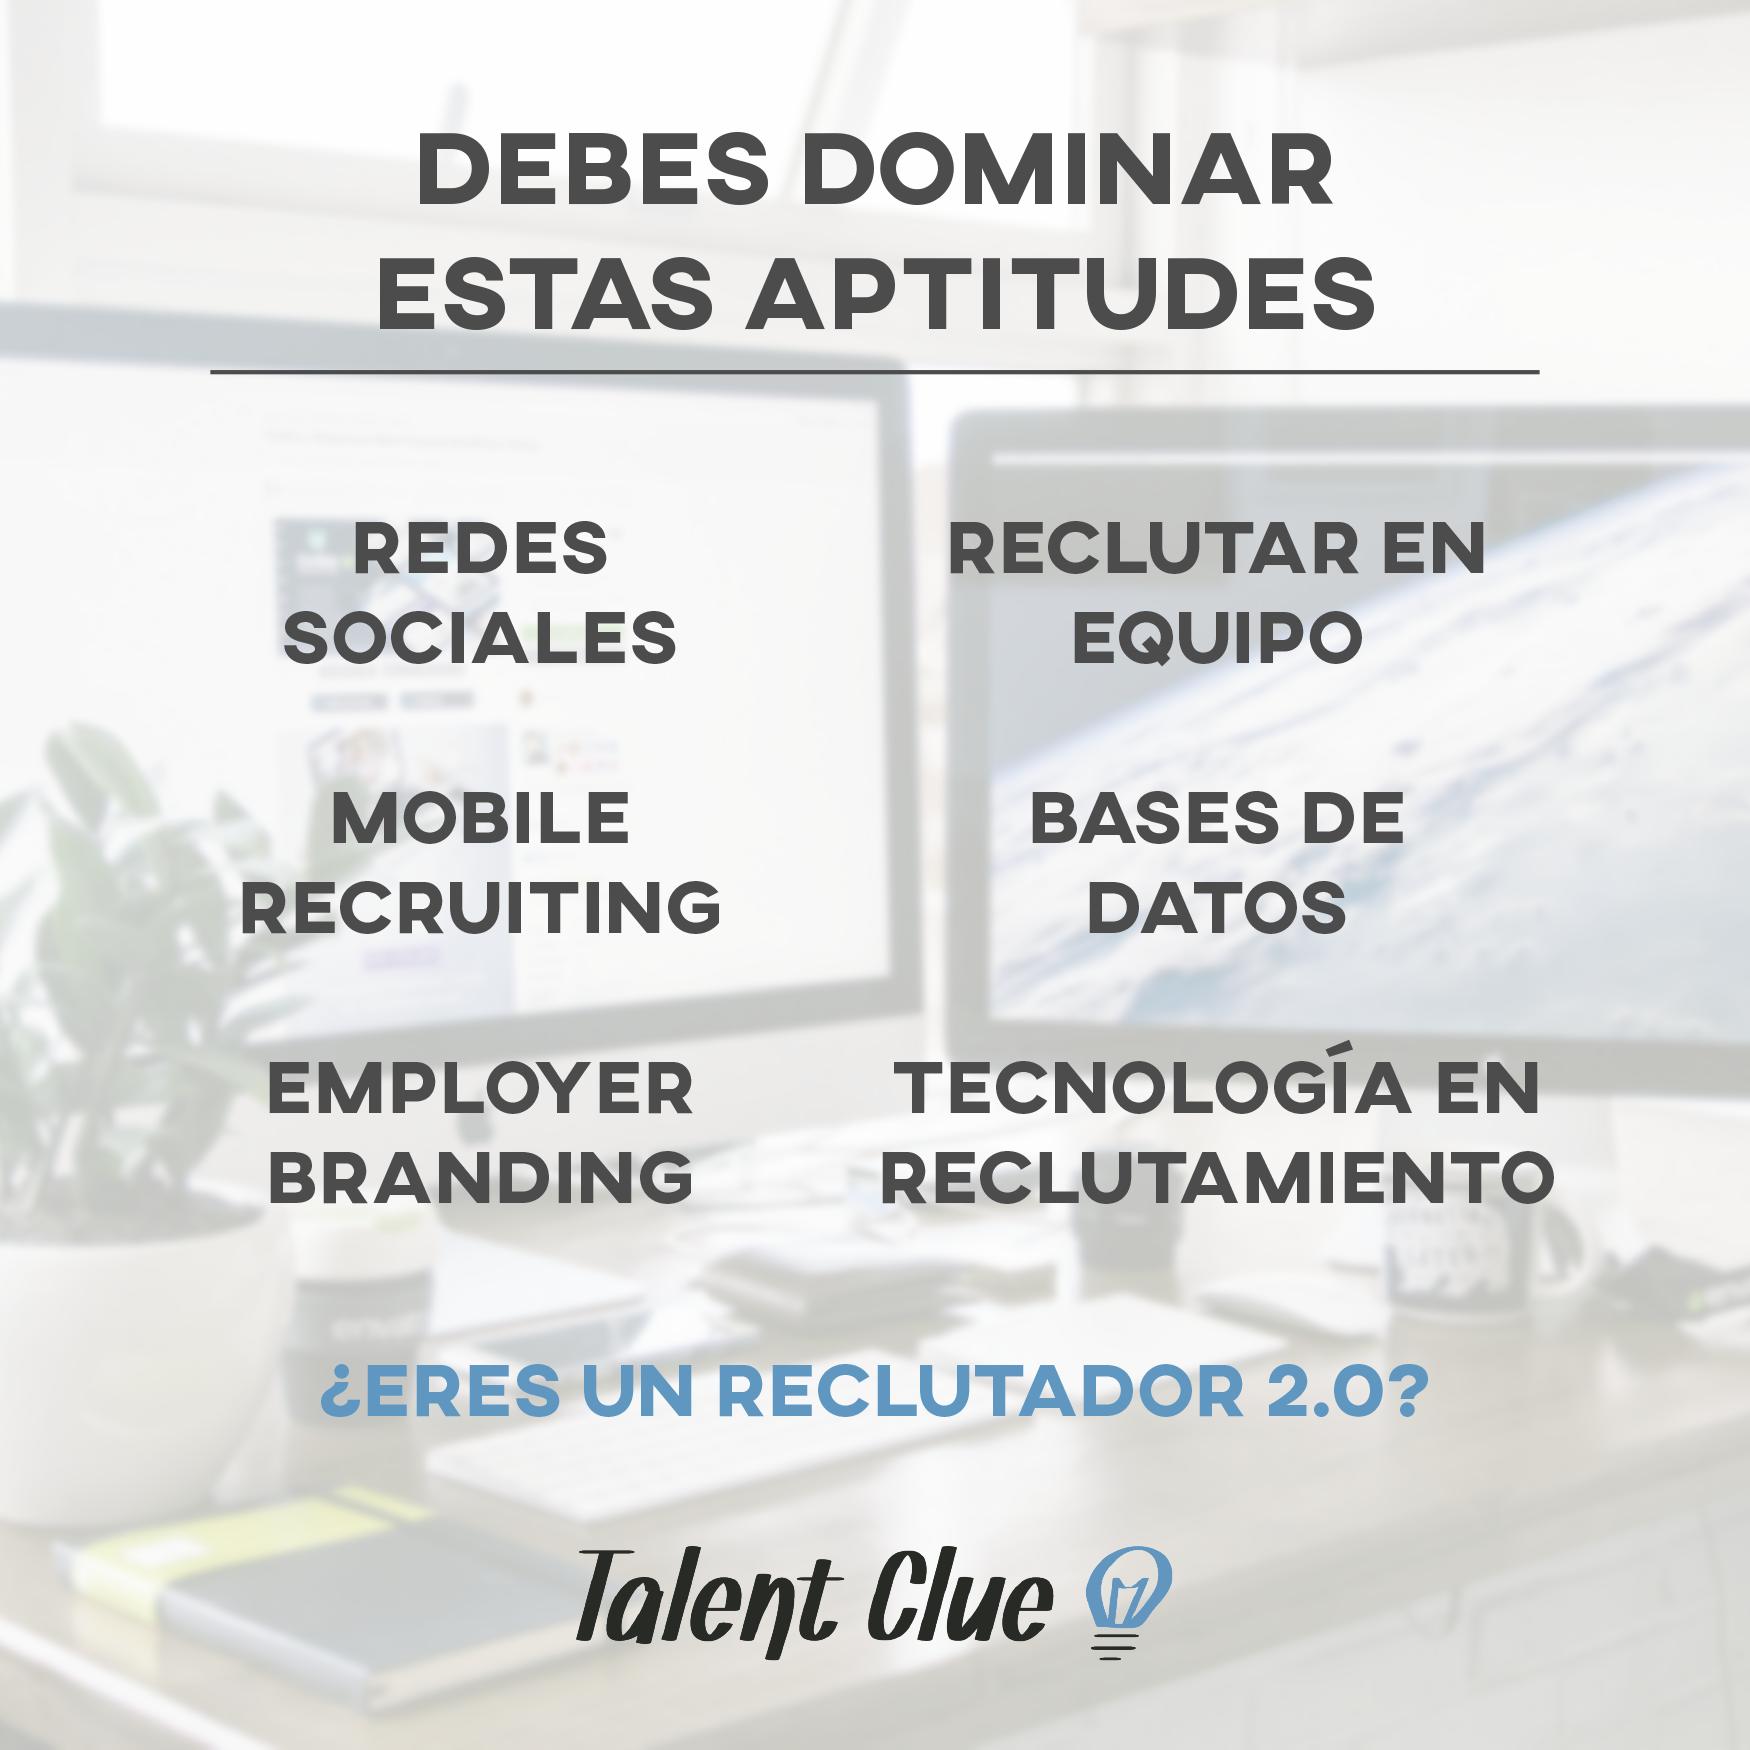 Debes_dominar_estas_aptitudes.png